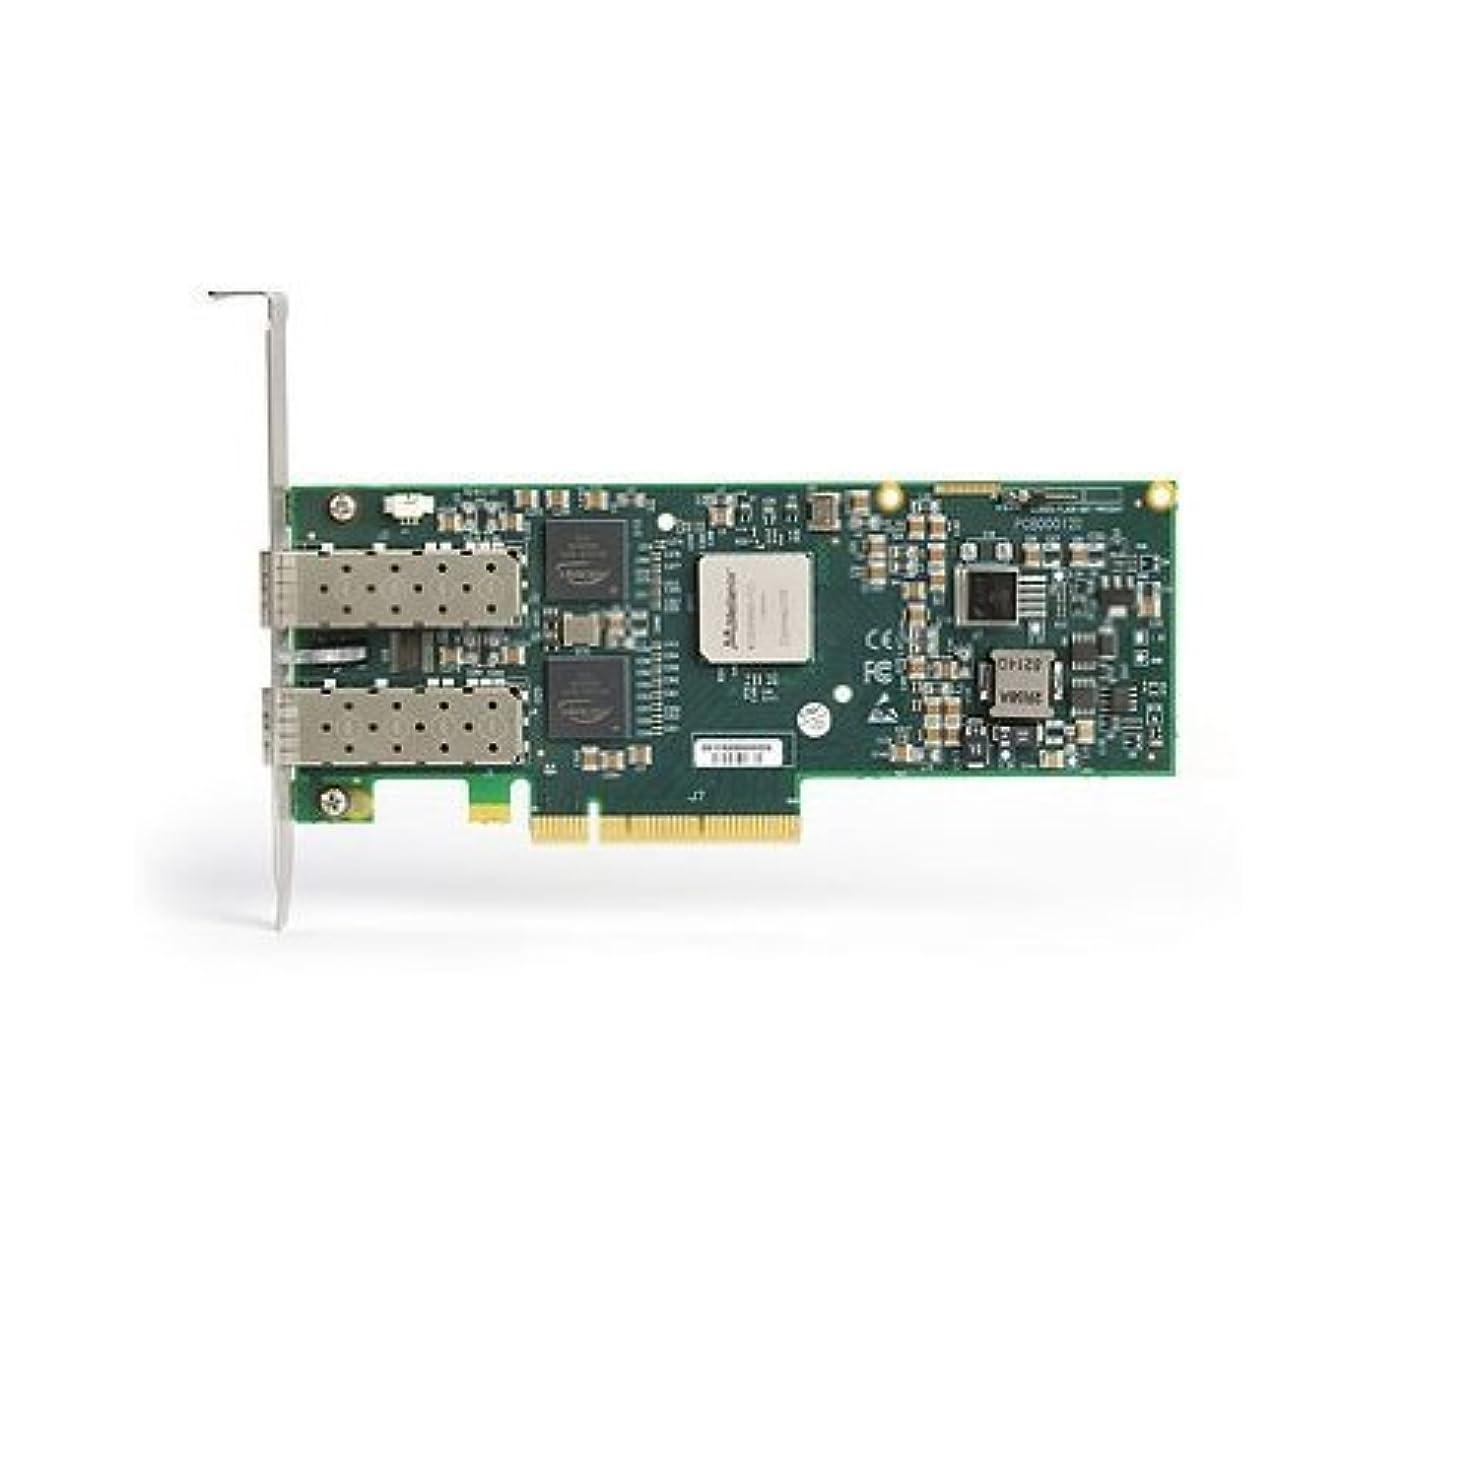 広いラフトたまにHP G2 デュアルポート 10ギガビットイーサネットカード - PCI Express - 2 x RJ-45-10GBase-T (認定リファービッシュ)